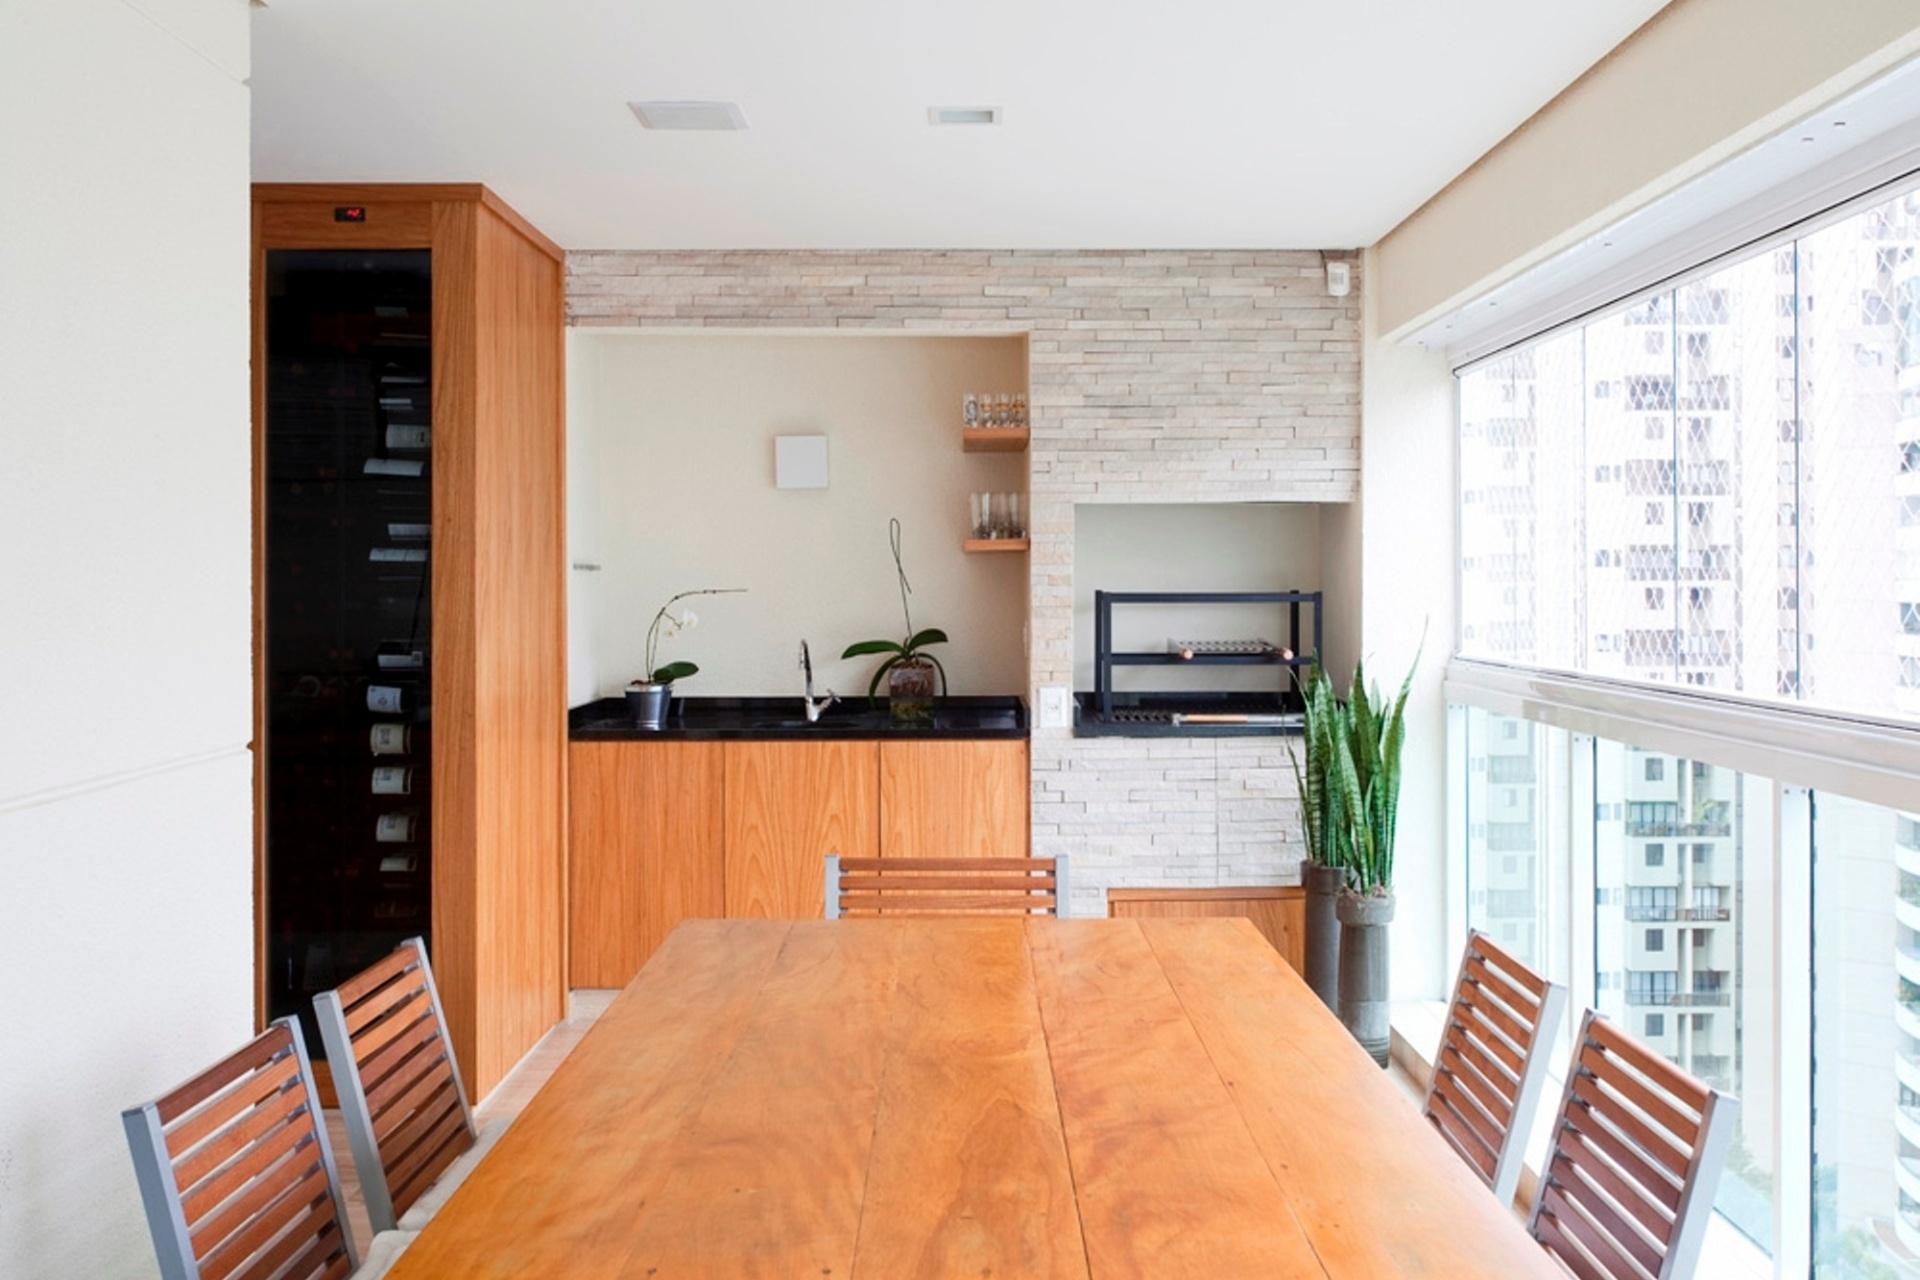 No apartamento projetado pelo escritório FGMF Arquitetos, em São Paulo (SP), além da churrasqueira e da bancada, equipa a varanda gourmet com uma adega, feita sob medida para o cliente